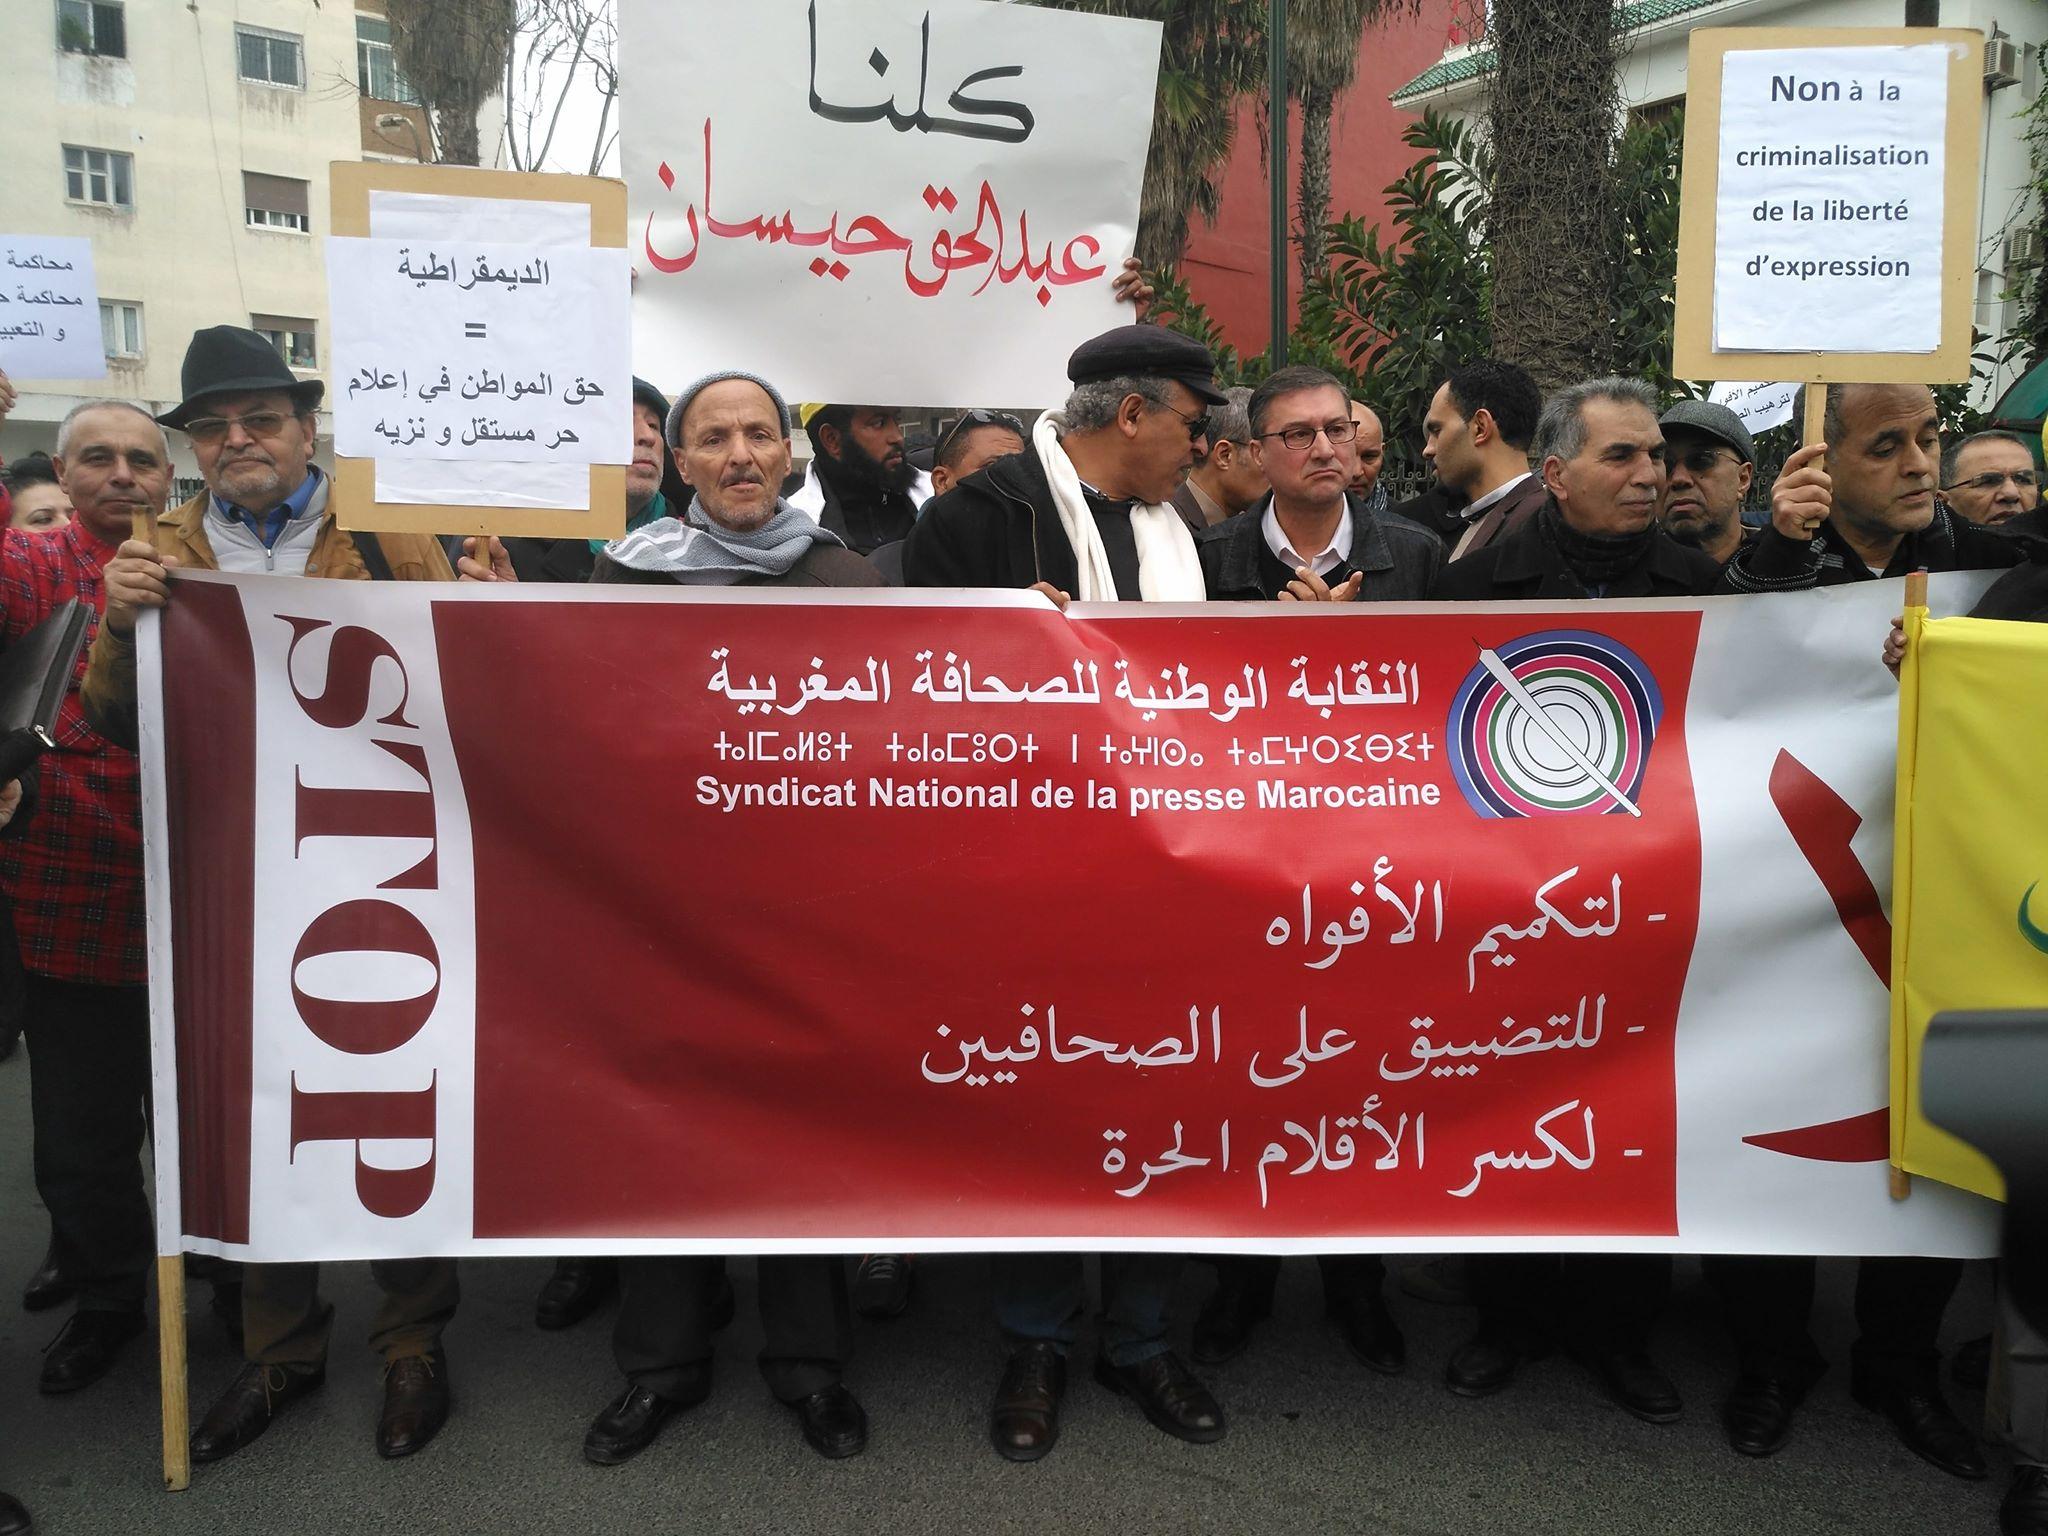 تأجيل محاكمة 4 صحفيين وبرلماني وسط احتجاجات وتنديد حقوقي واسع